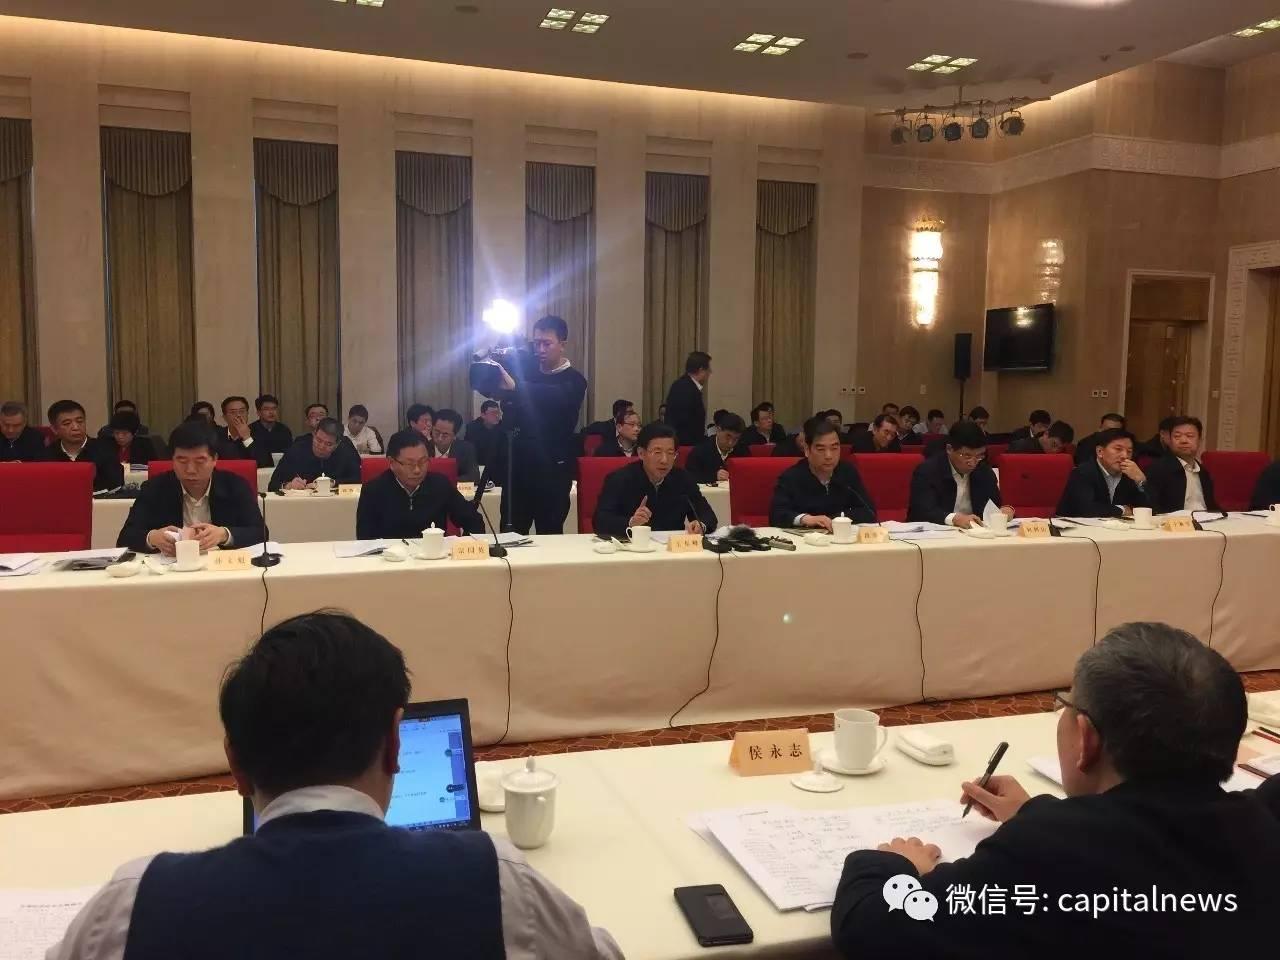 王东峰(前排左三)在讲话